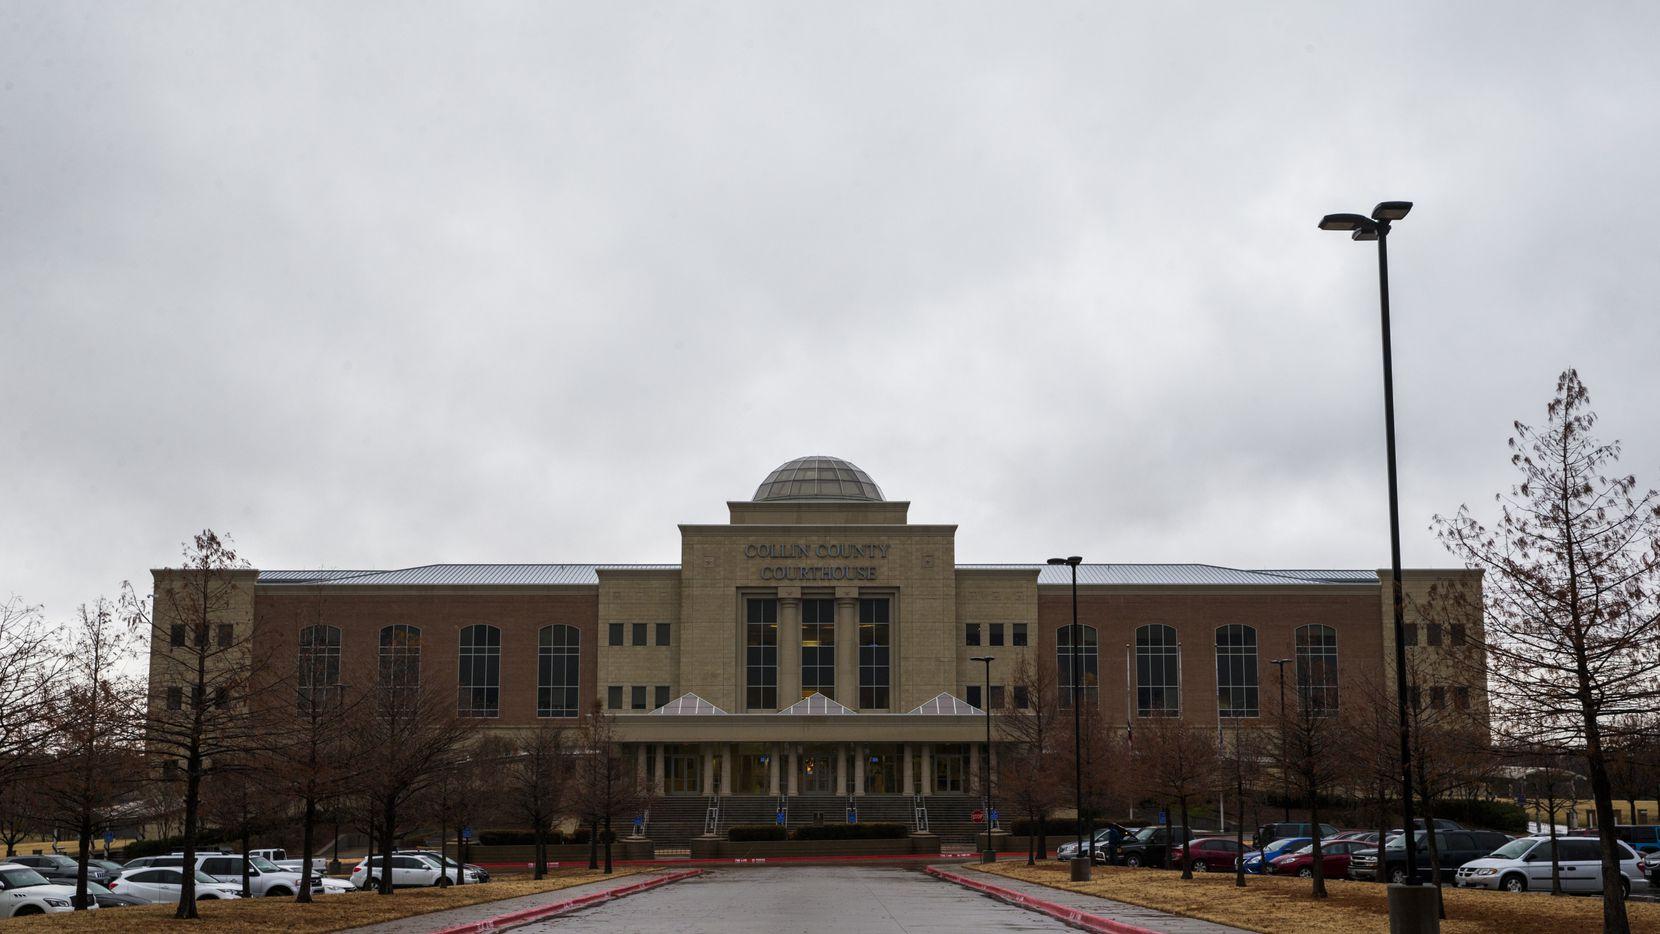 La corte del condado de Collin cerró el lunes debido a un corte de energía eléctrica.